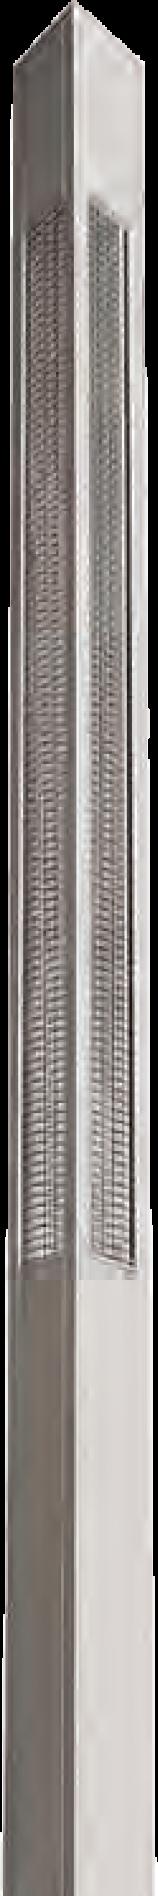 MXGLD-J0901 Image